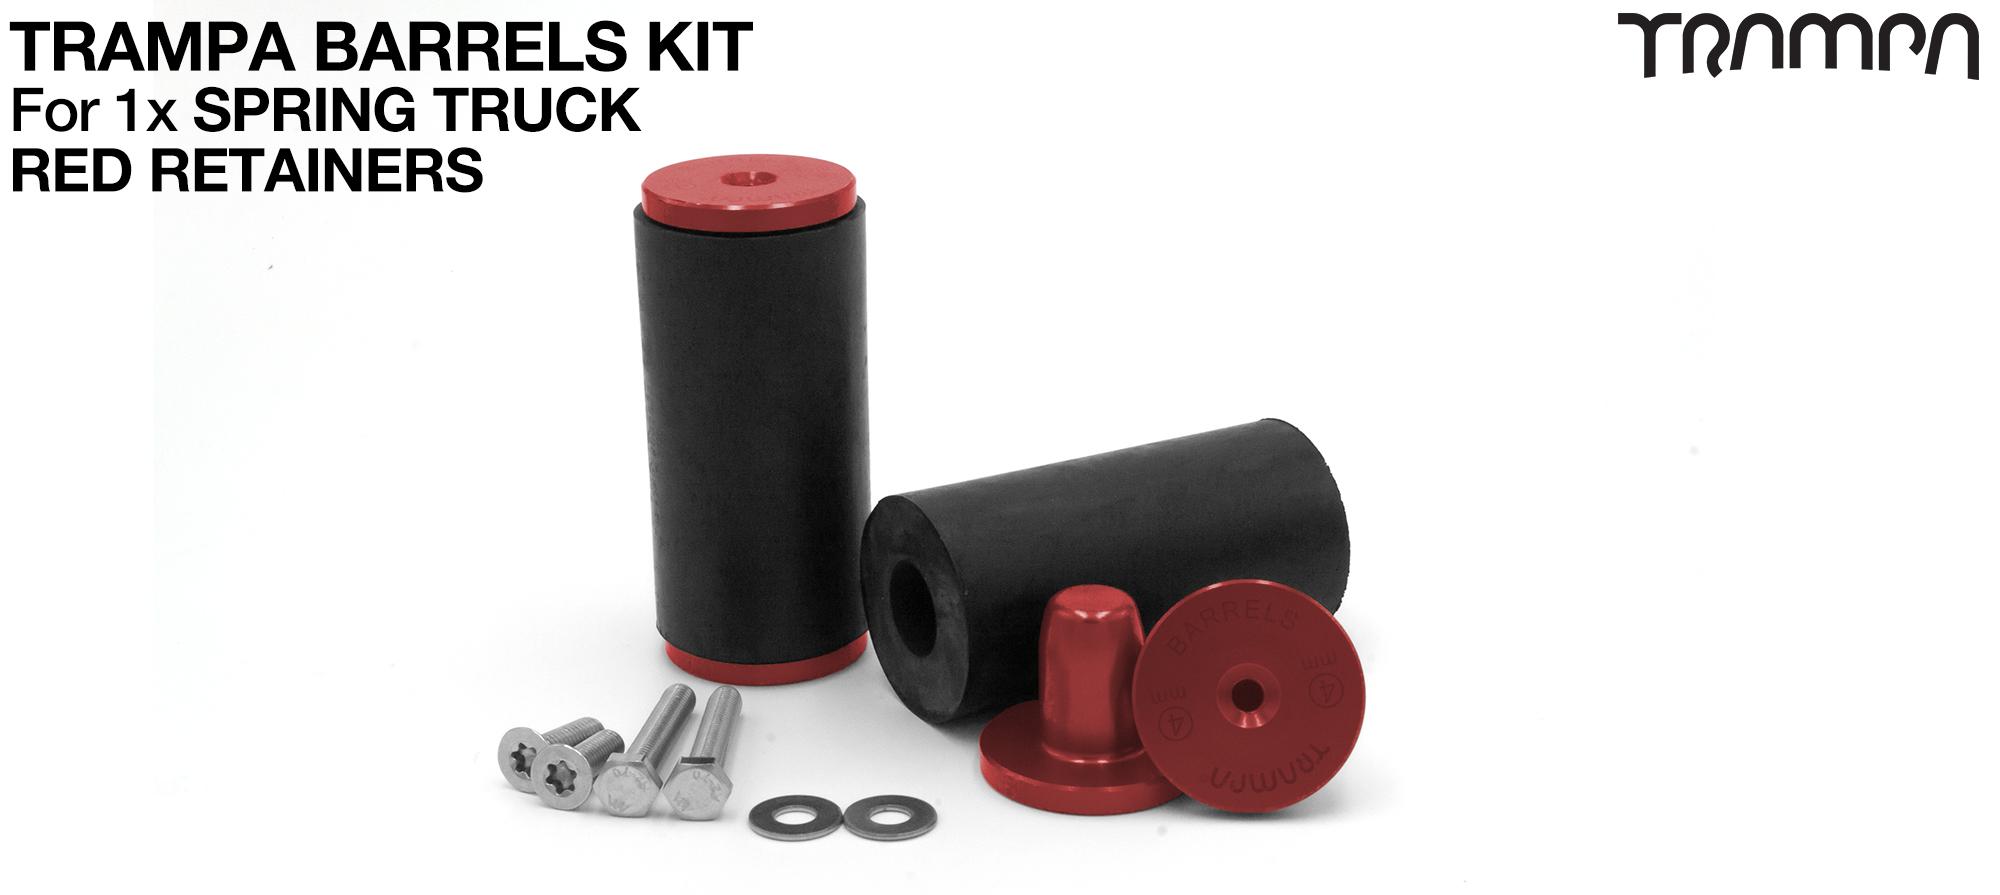 TRAMPA BARRELS Complete 1x TRUCK Kit - RED